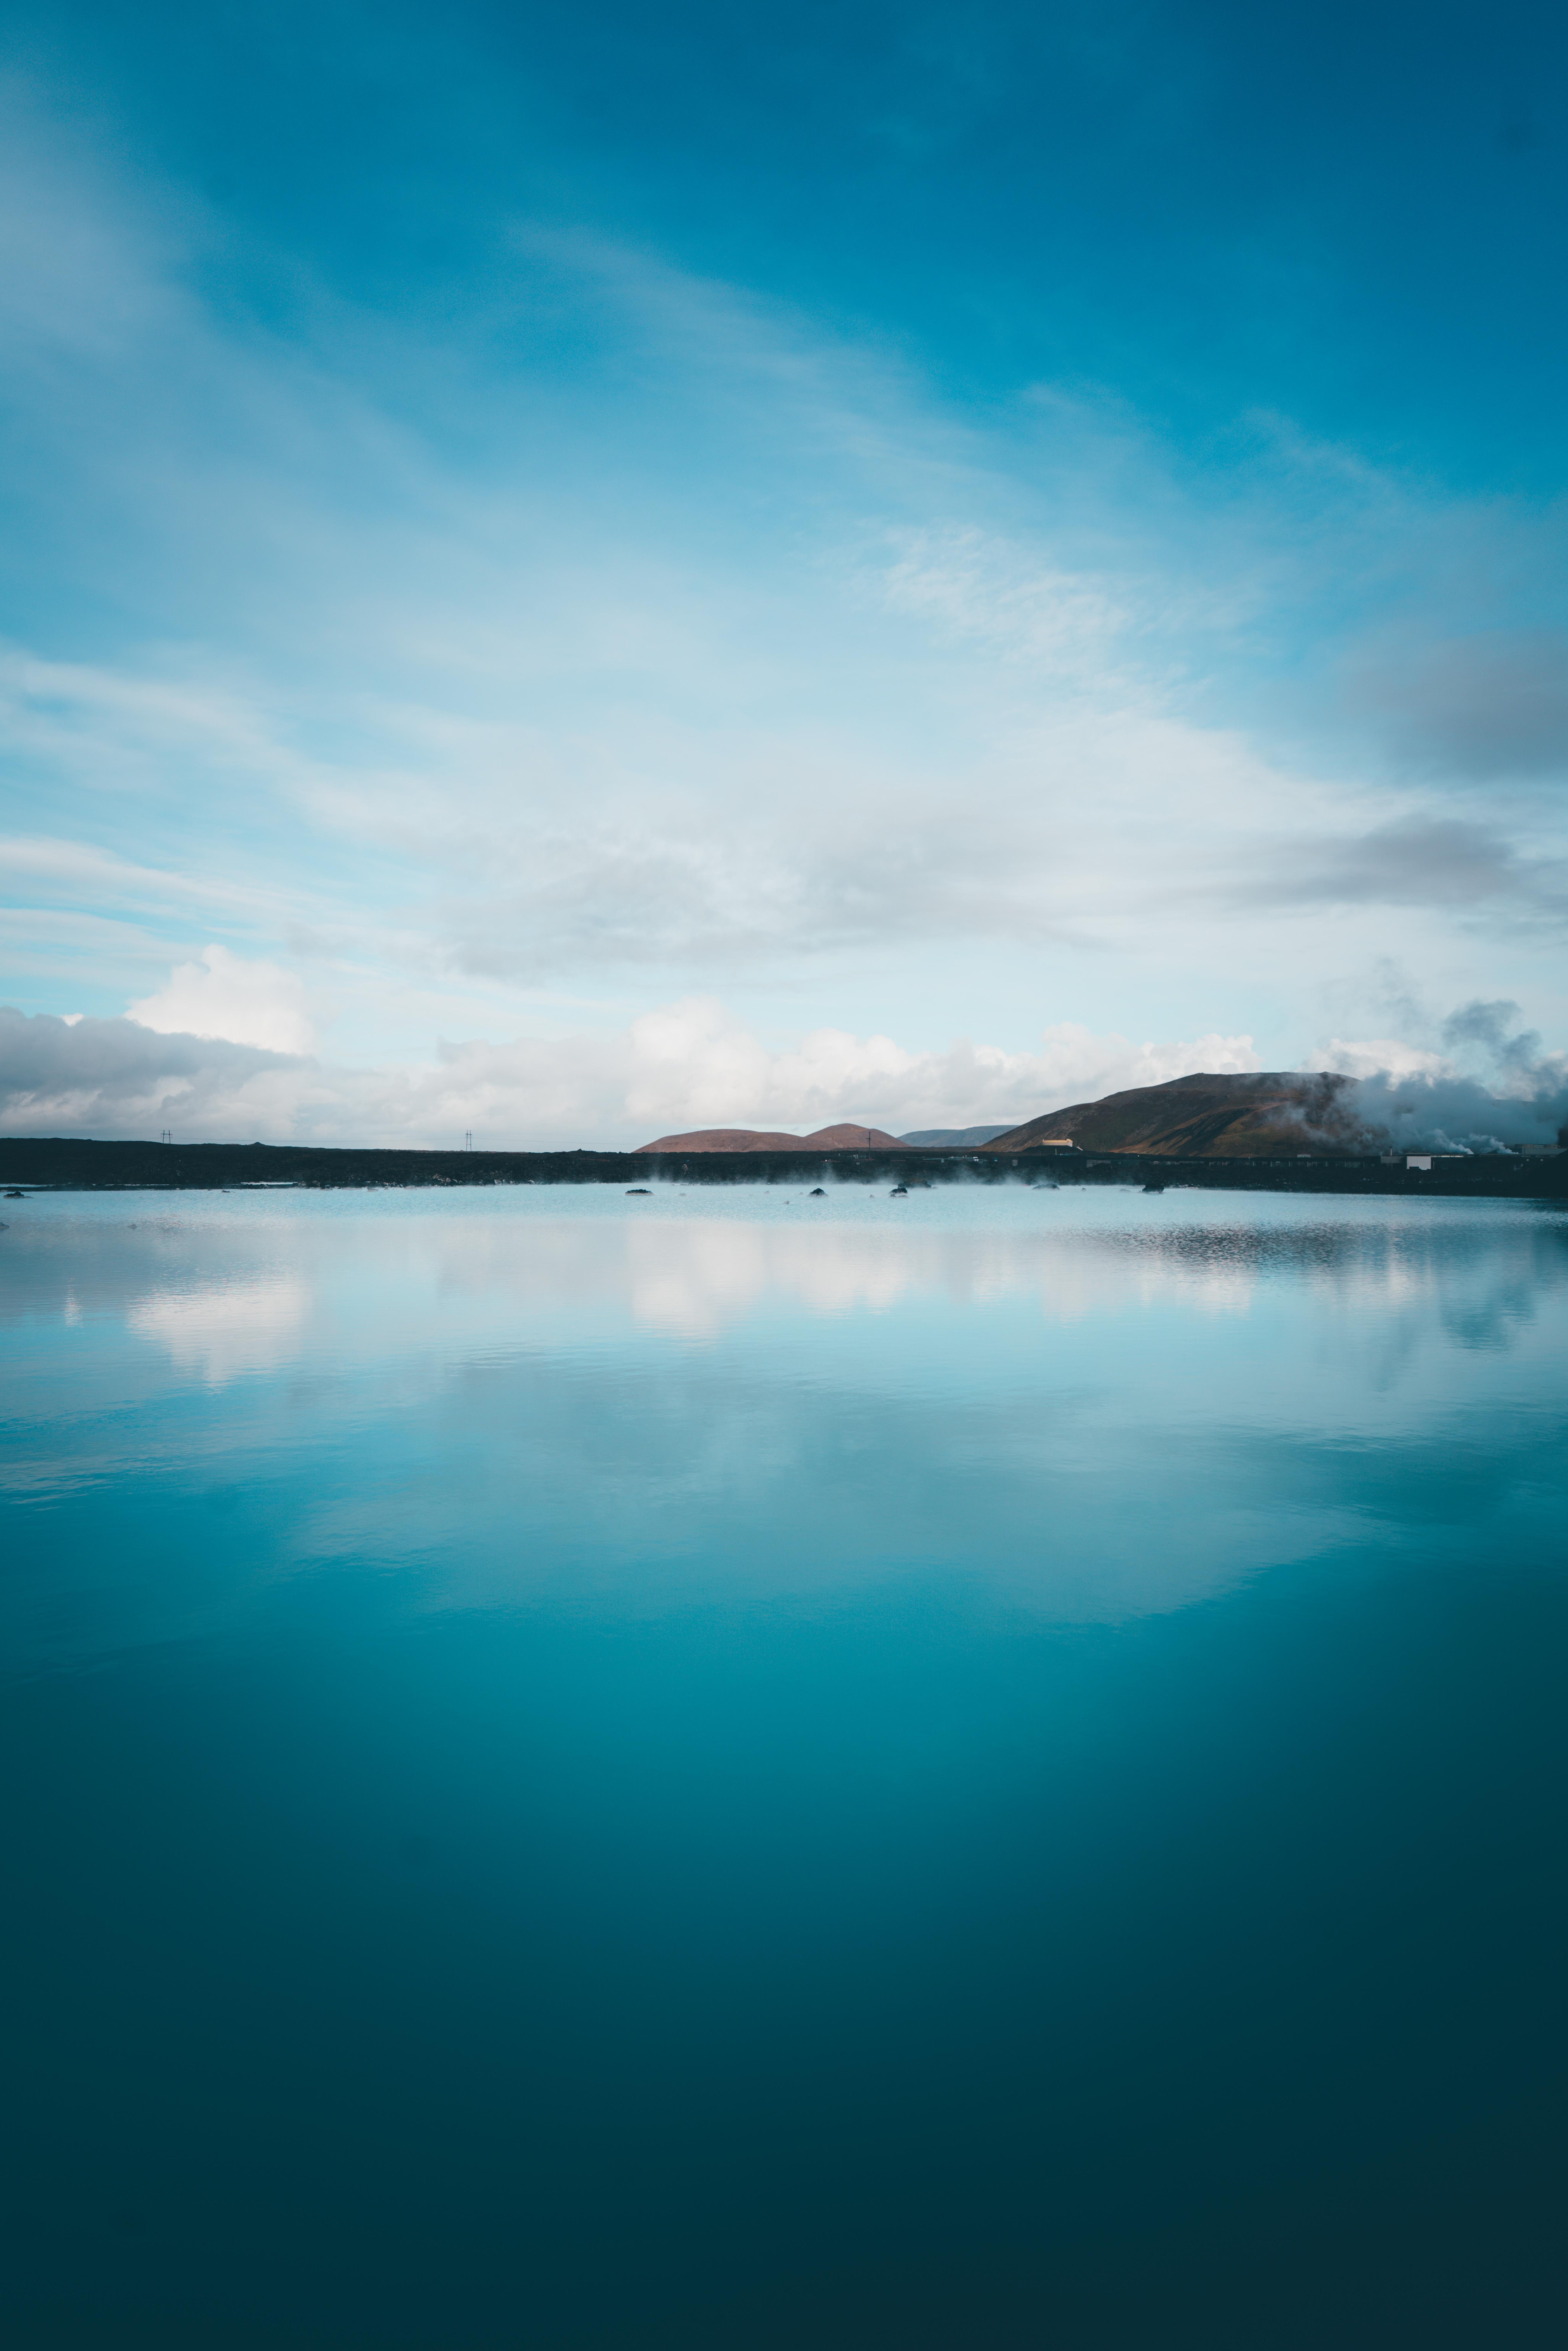 109617 скачать обои Голубой, Природа, Небо, Озеро, Отражение, Холмы, Исландия - заставки и картинки бесплатно